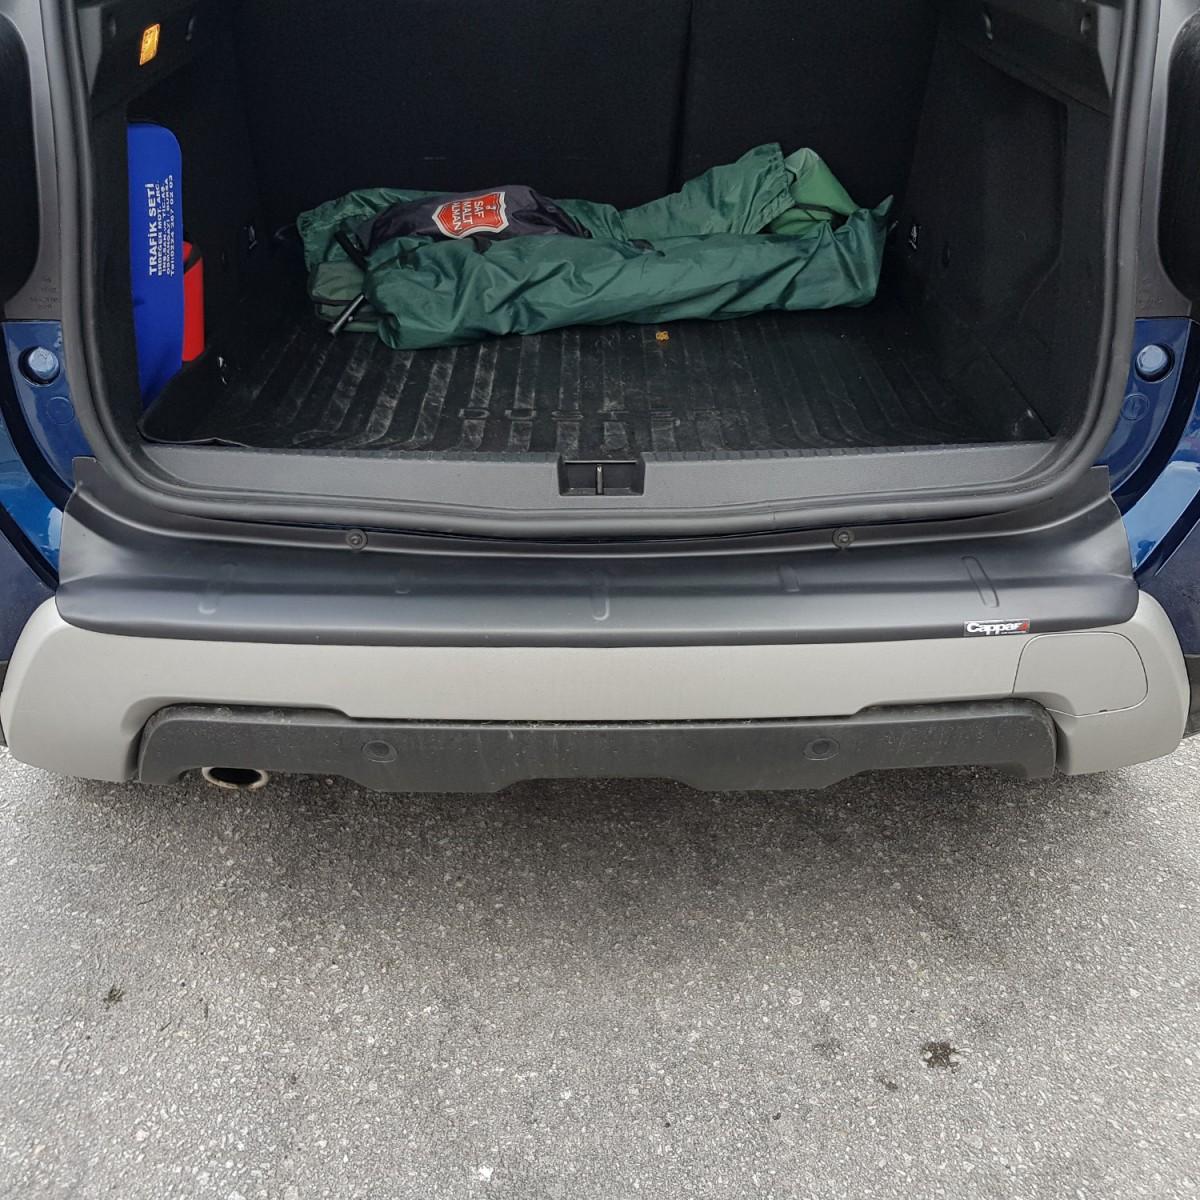 Dacia Duster Arka Tampon Eşiği Koruma 2018- Yılı ve Sonrası